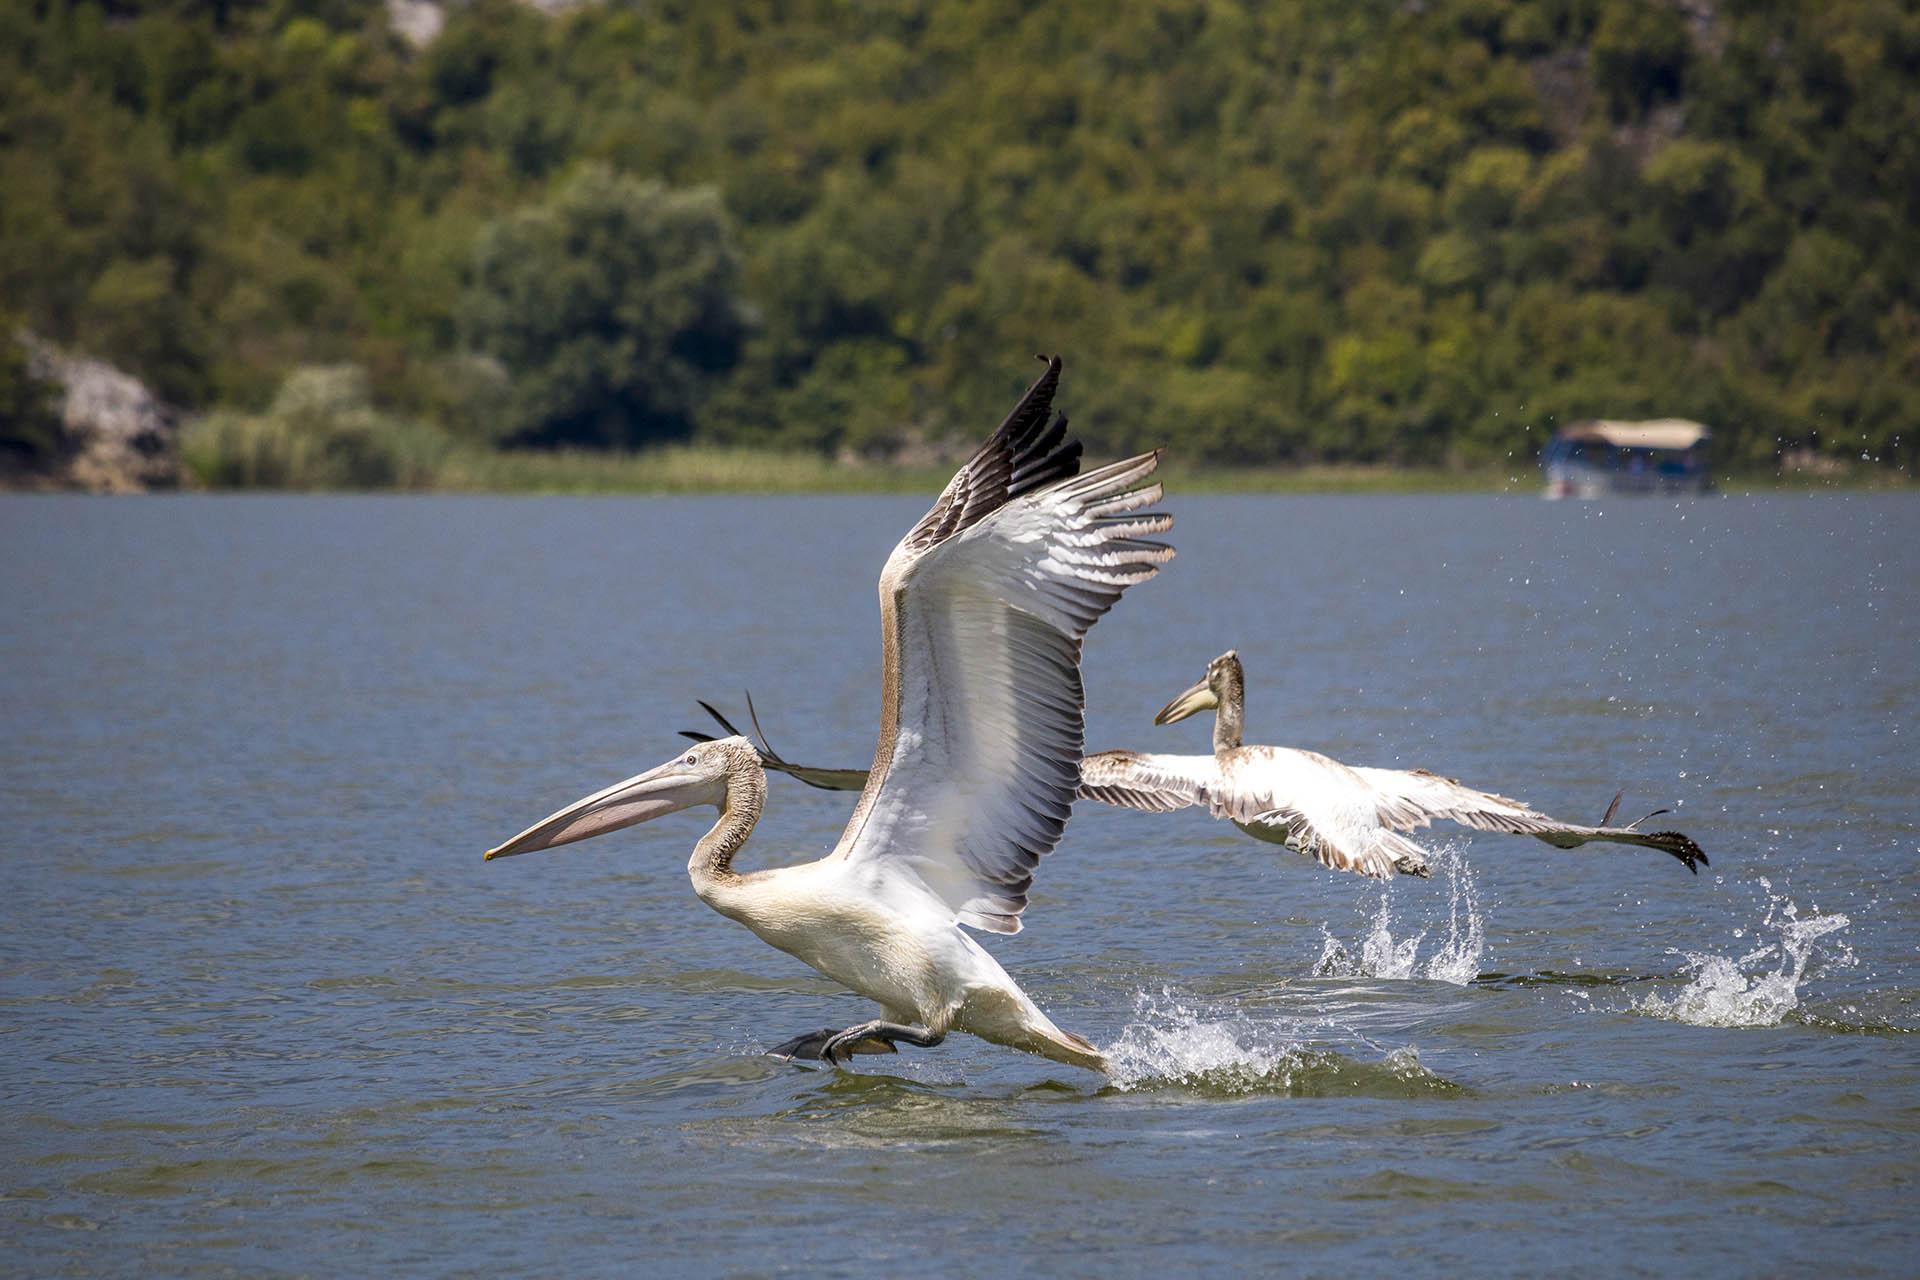 Dalmatische pelikaan landt op het water van het Skadarmeer in Montenegro. Dalmatian pelican